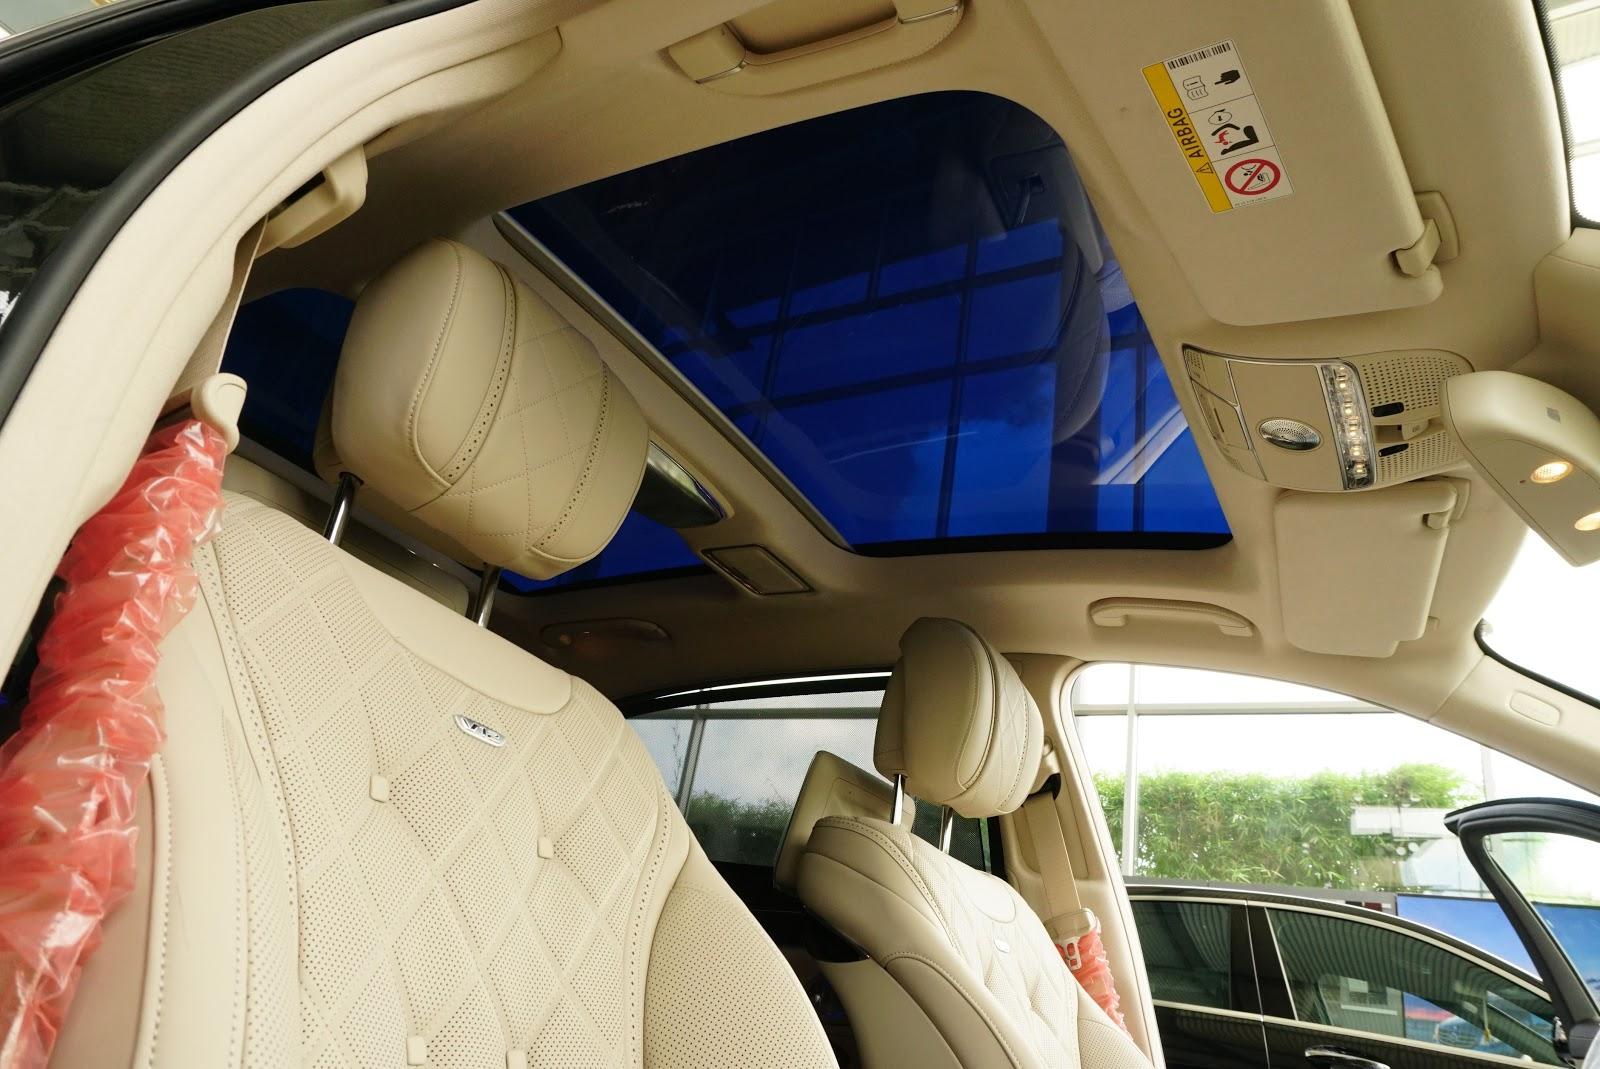 Trần xe với hệ thống đèn led, cửa sổ trời cực lớn